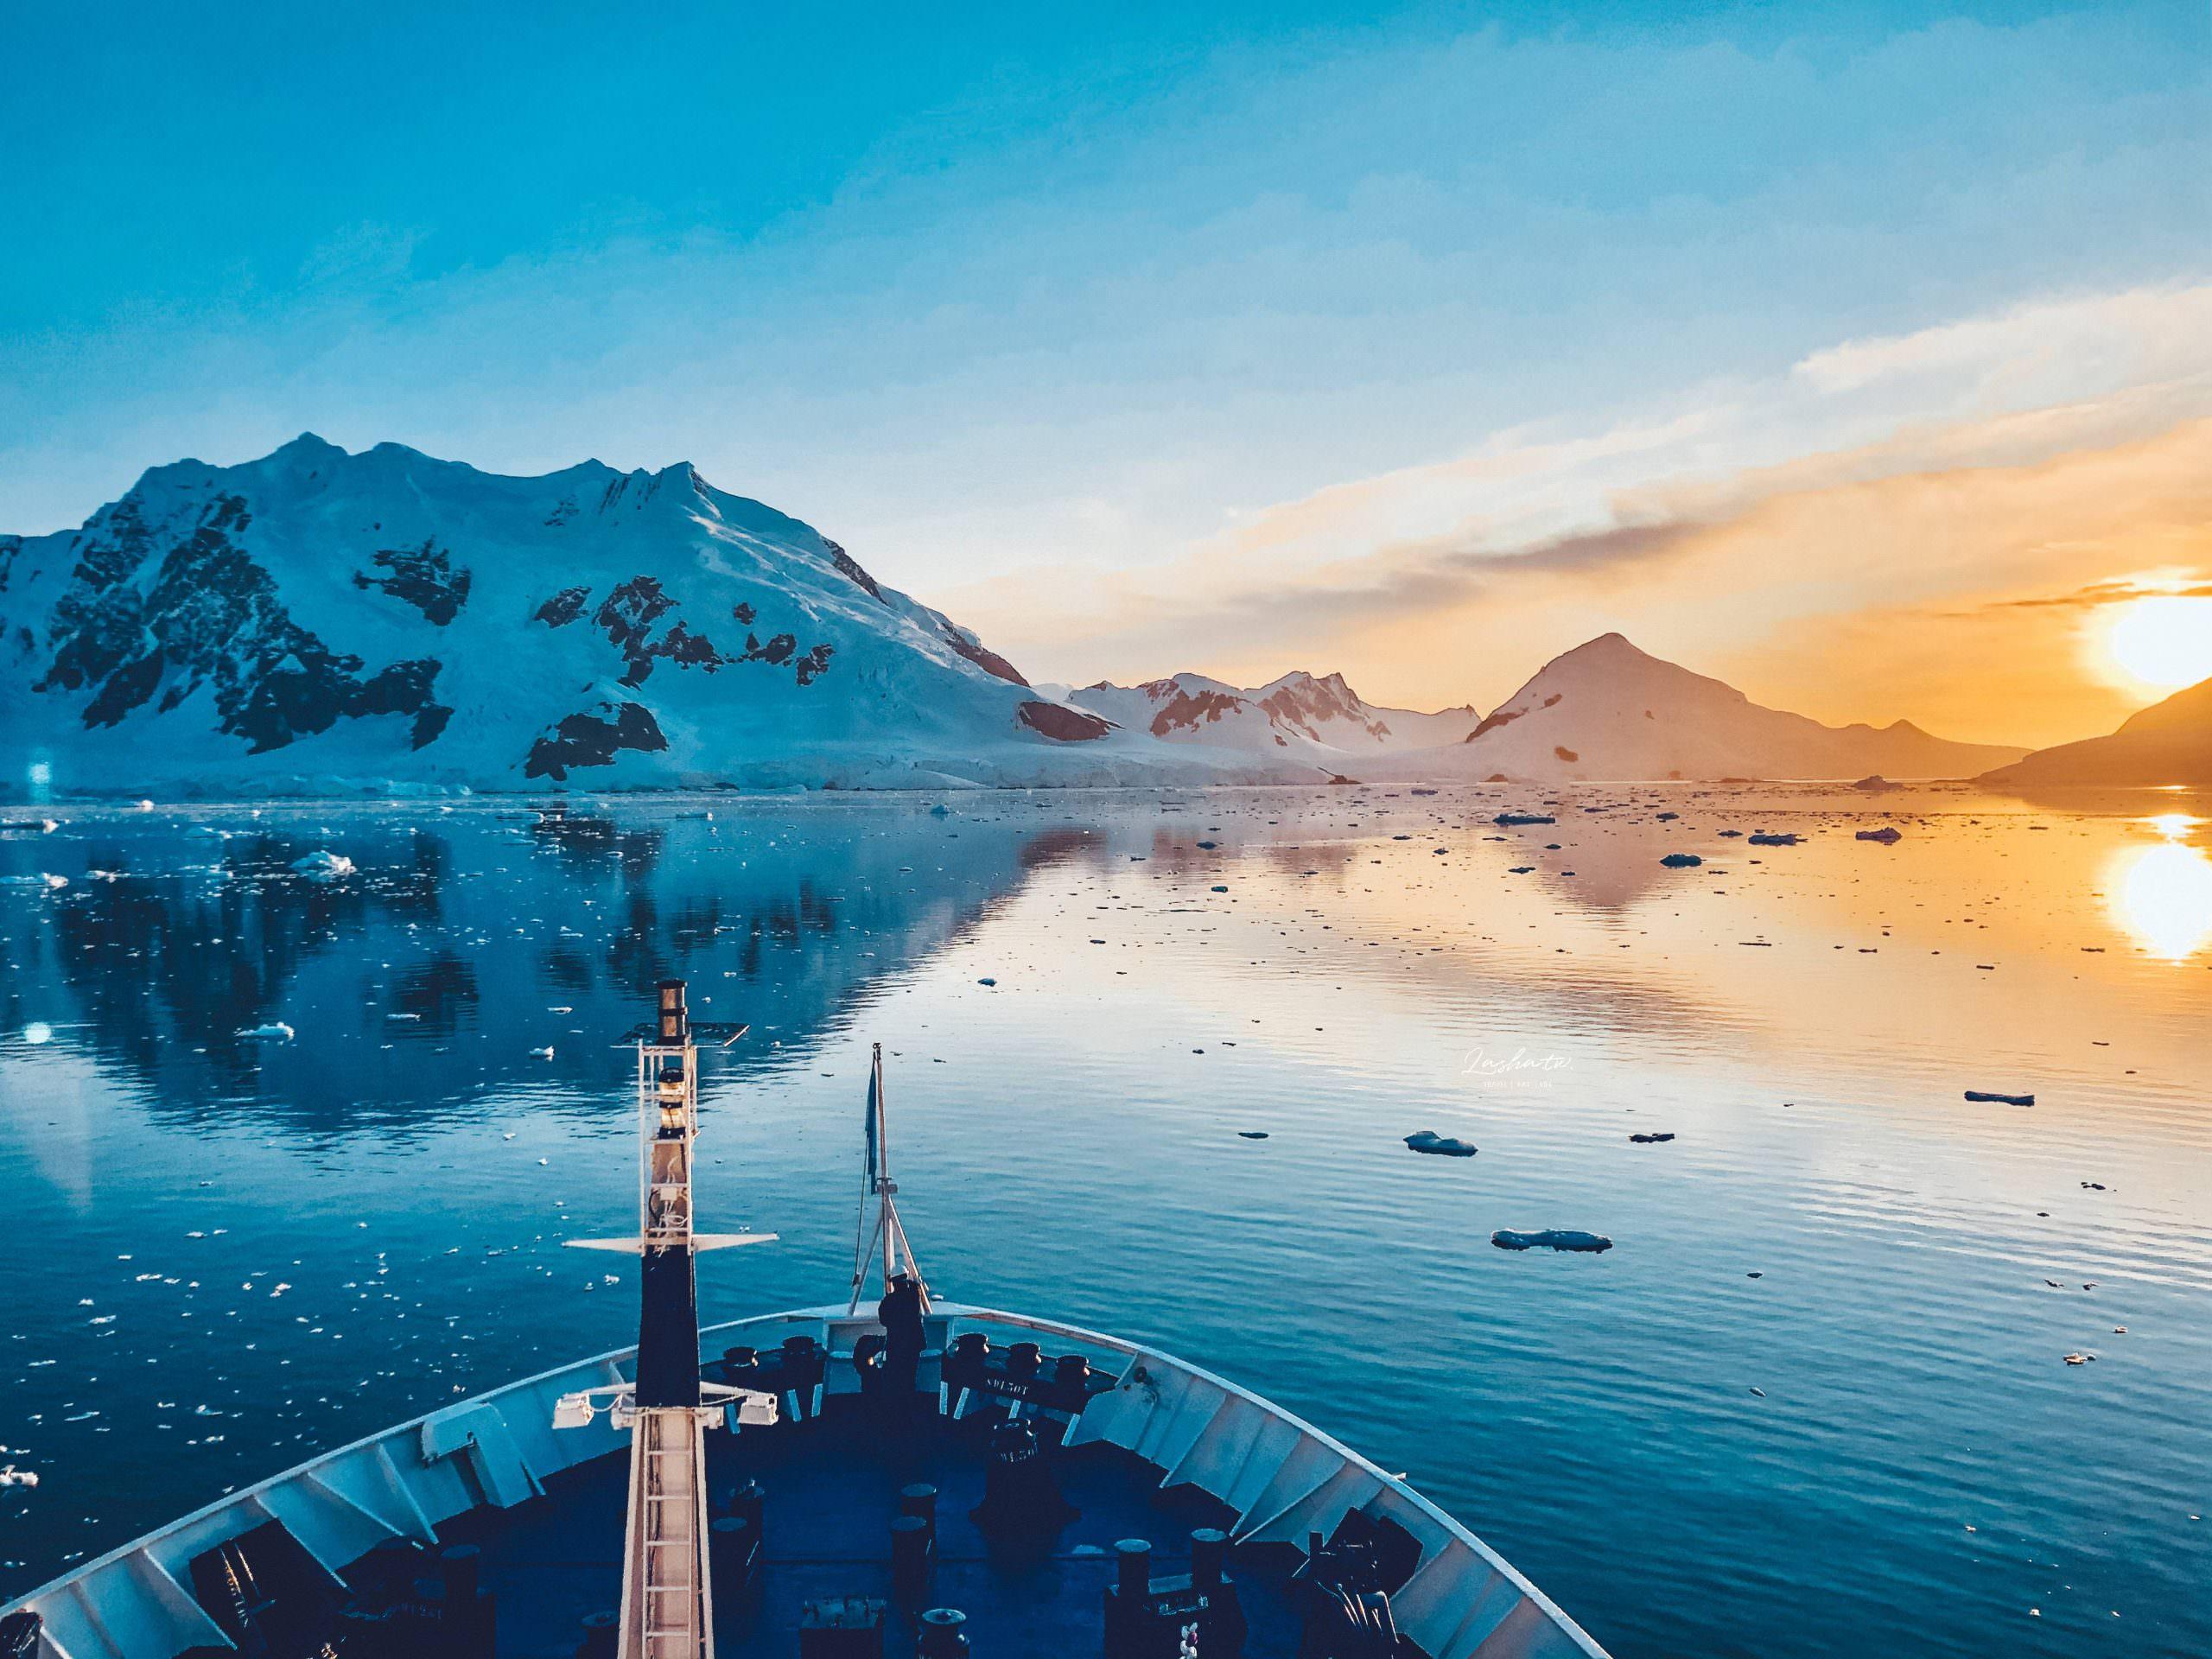 南極自由行|阿根廷烏蘇懷亞,南極自由行程完整攻略懶人包,機票,住宿,花費 - 拉傻去哪兒 Lasha